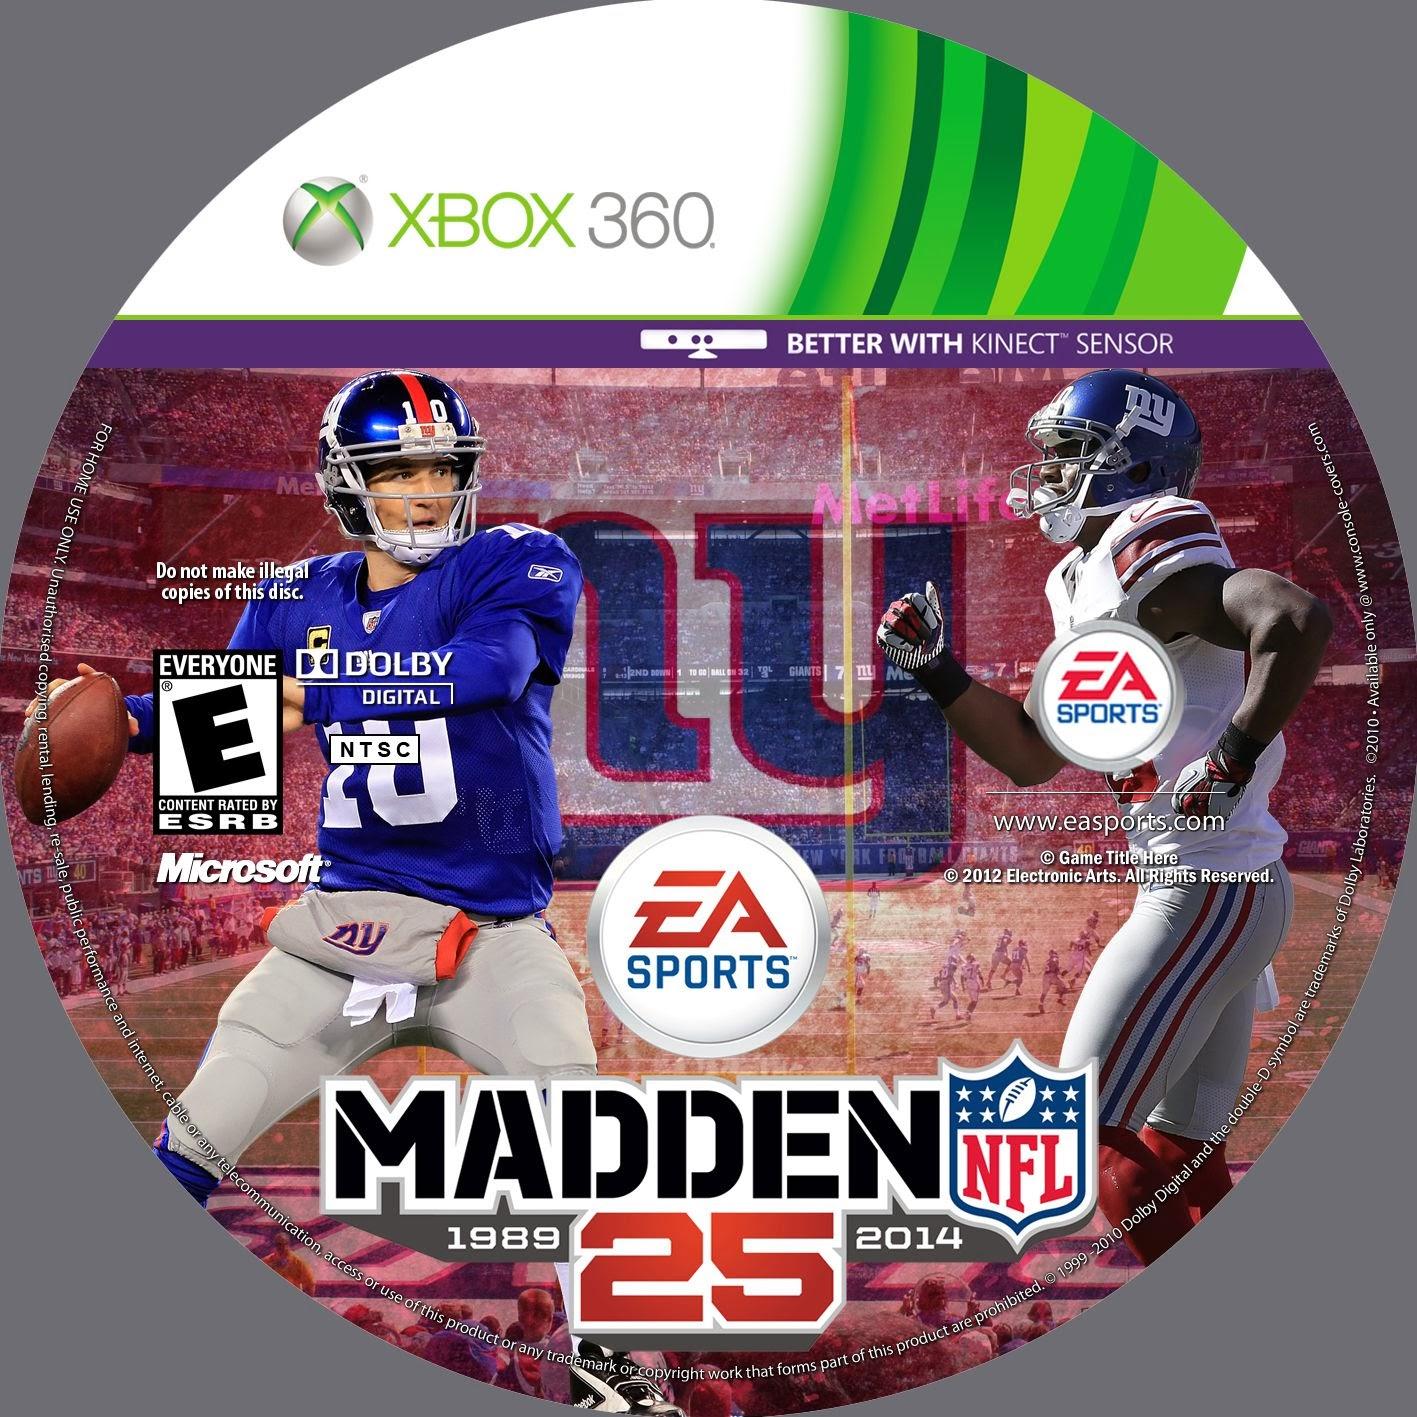 Label Madden NFL 25 Xbox 360 v2